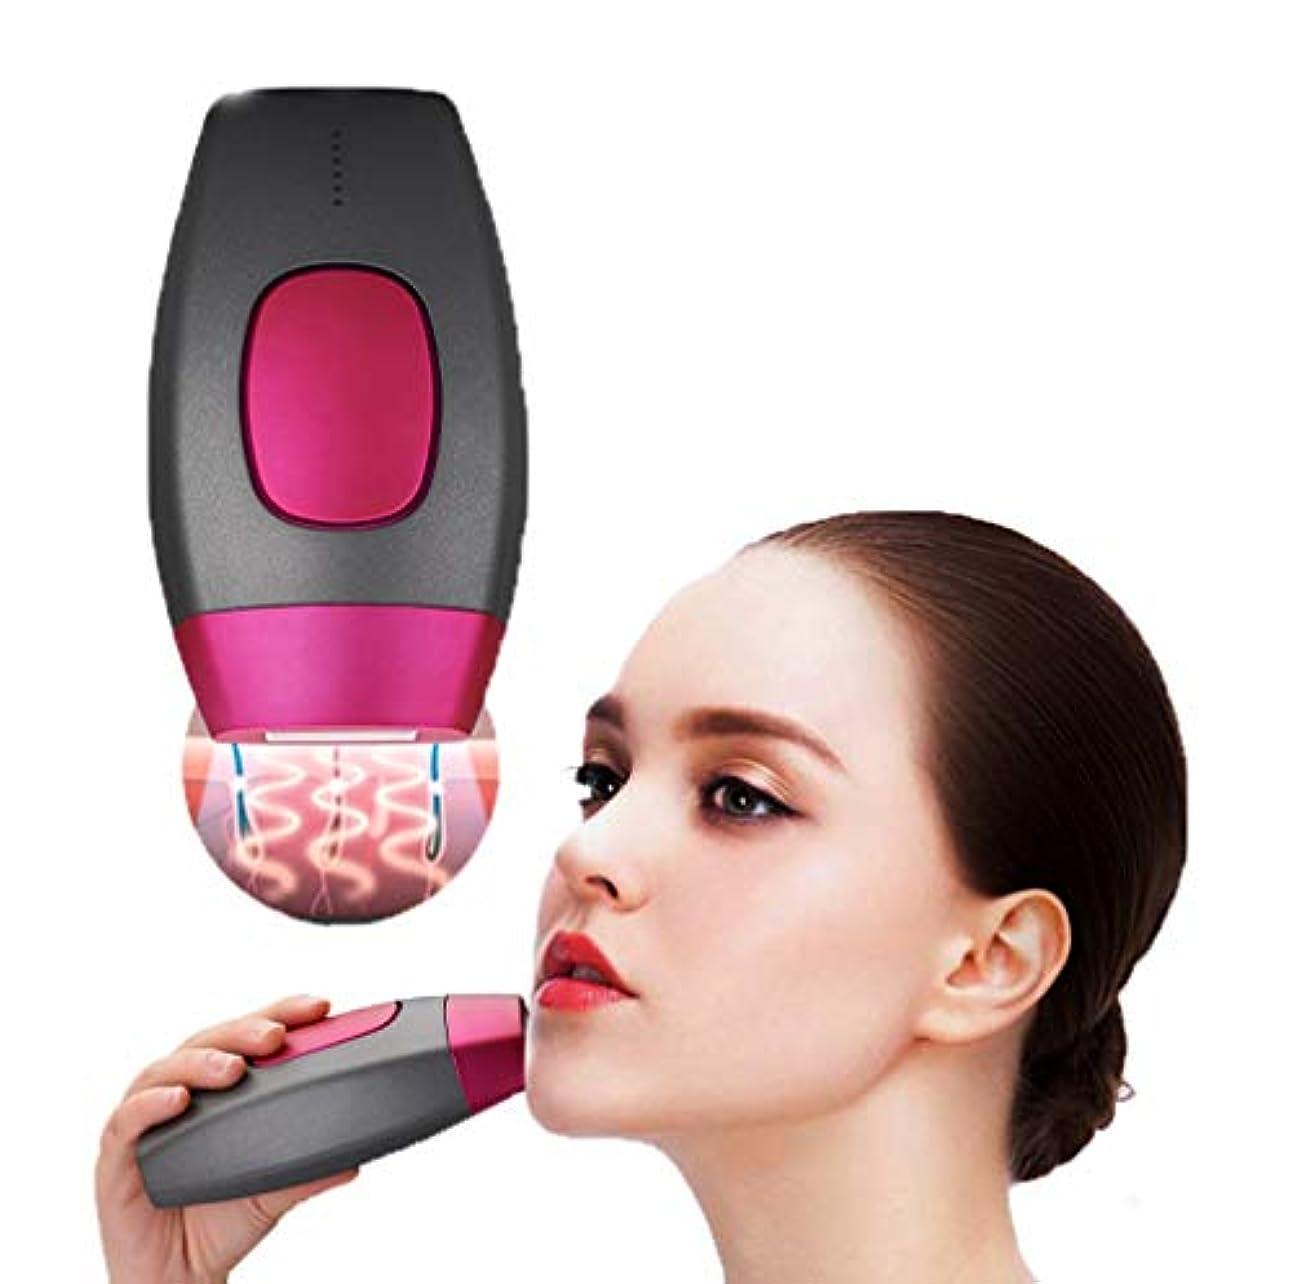 ニッケル性交売上高女性の男性の体の顔とビキニの家庭用ライトシステム痛みのない美容デバイスでのレーザー脱毛